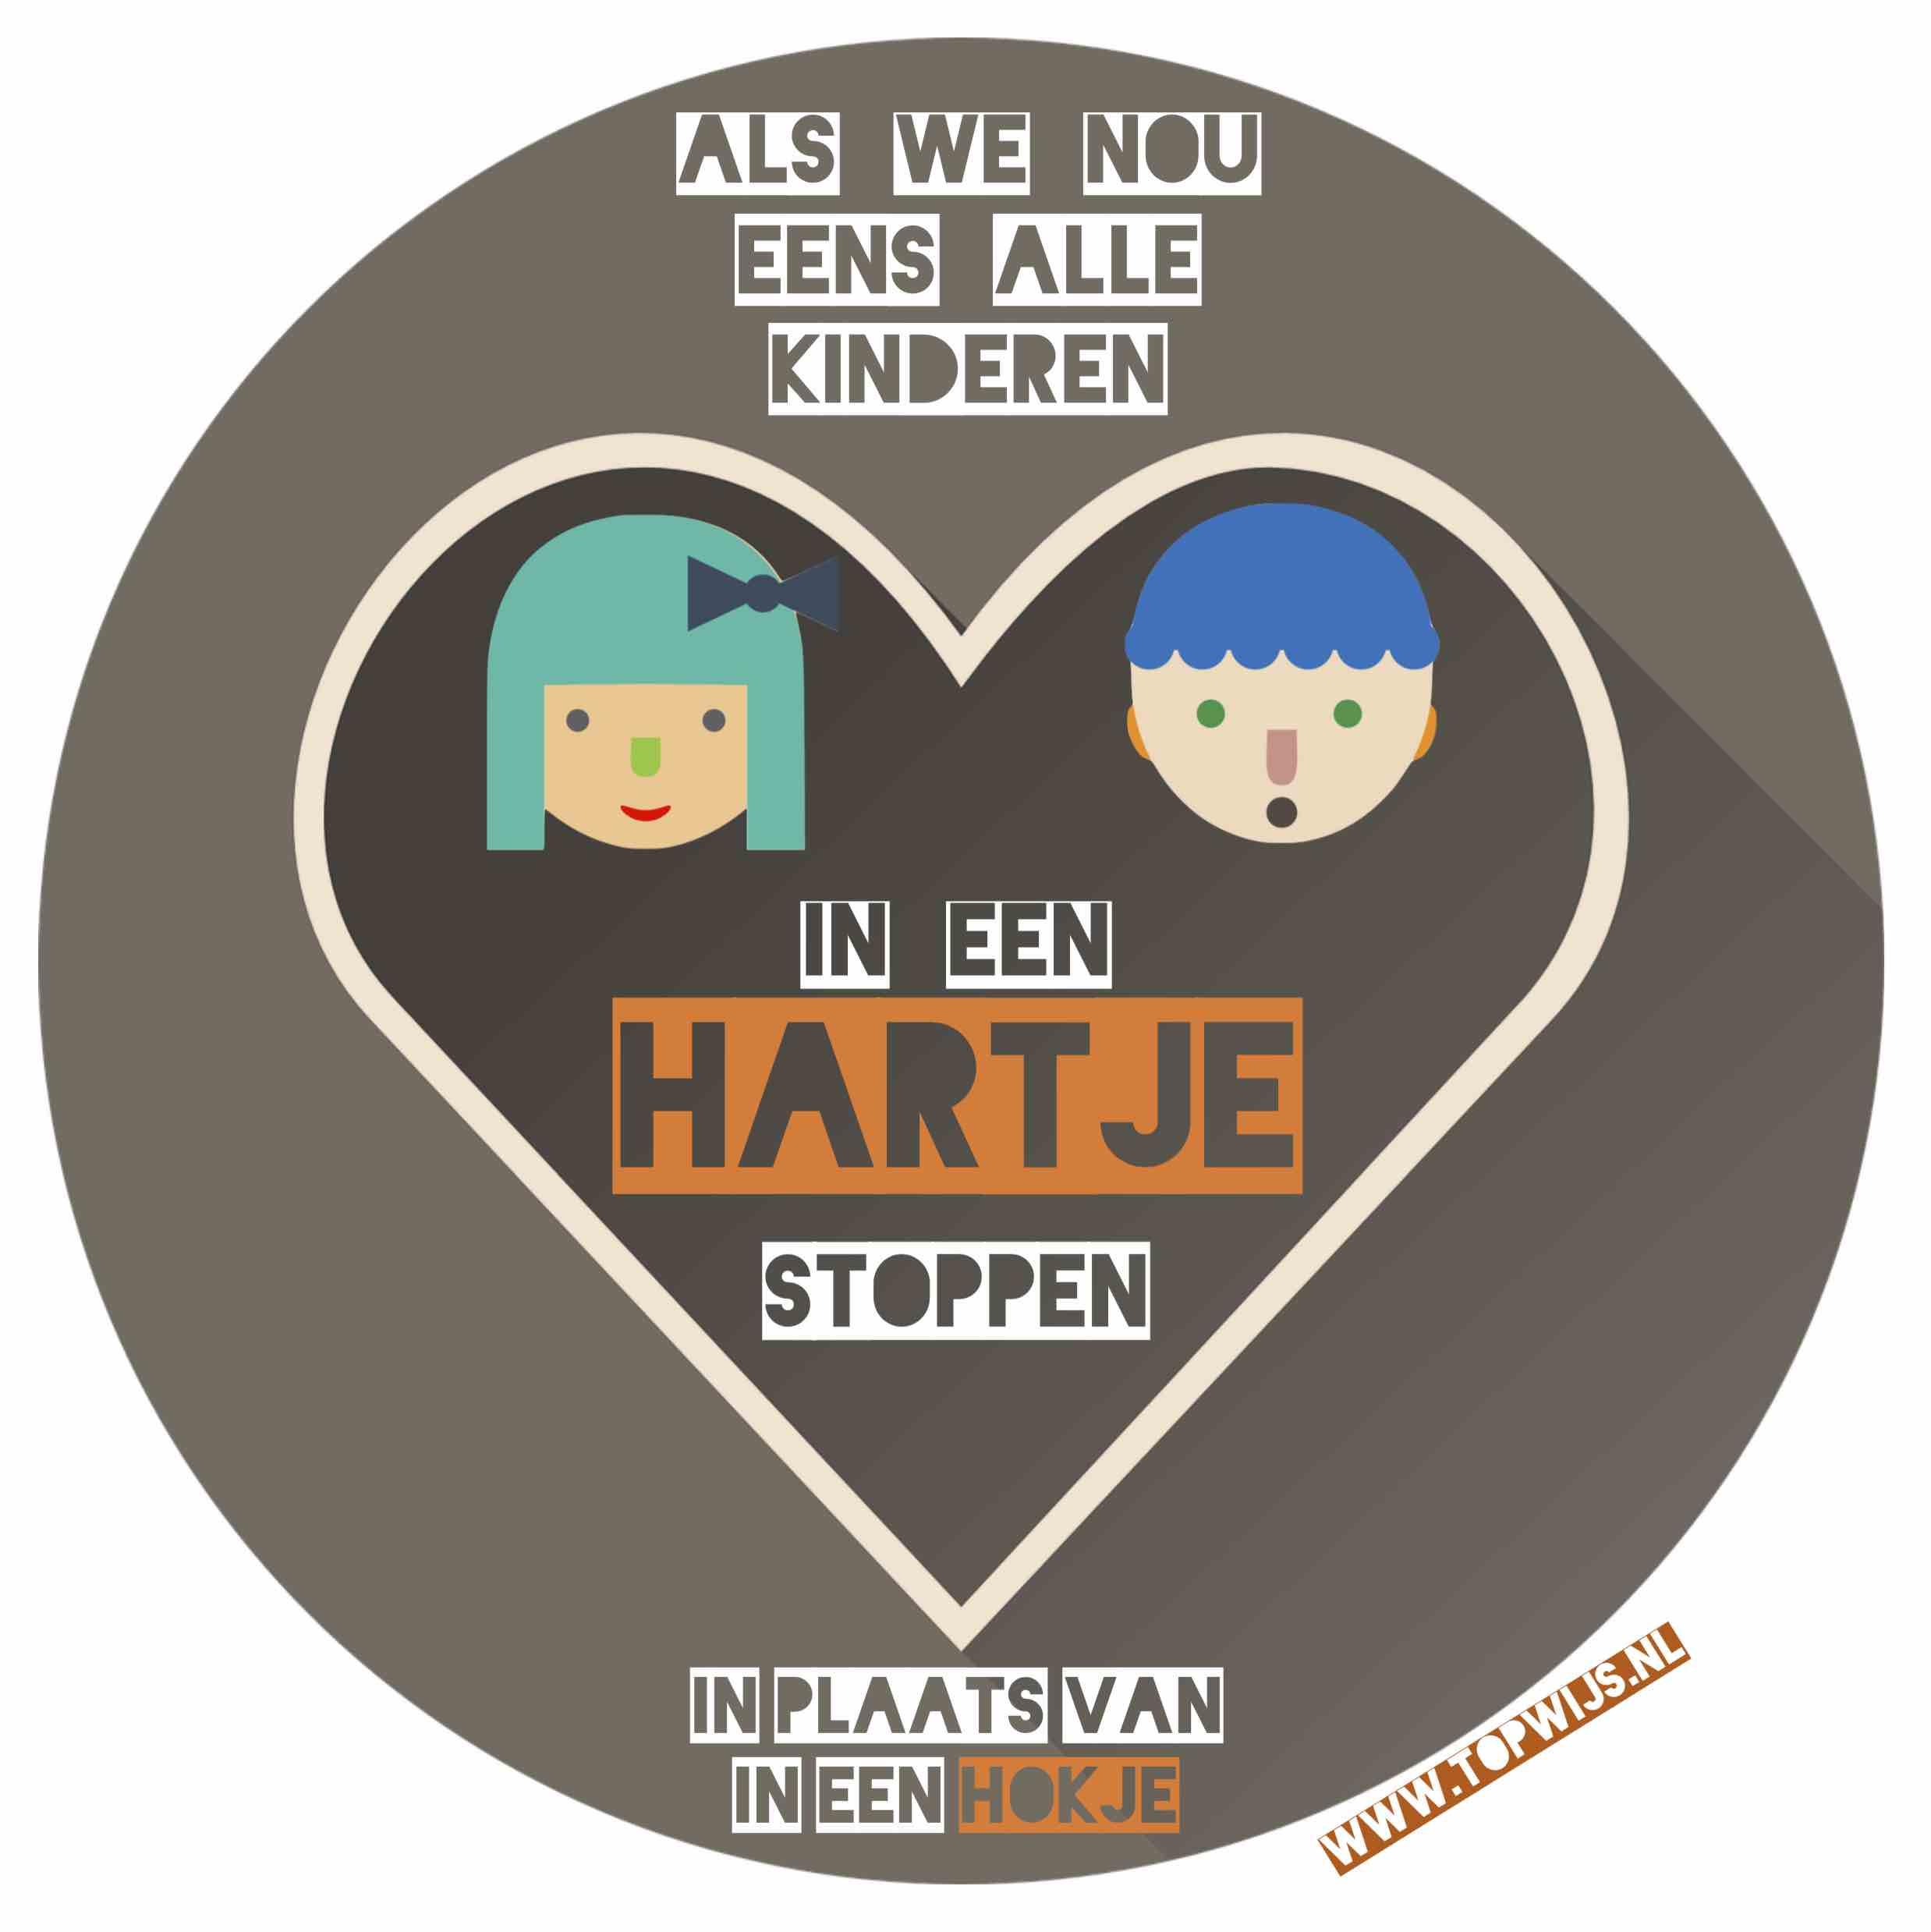 Onderwijs spreuk / Onderwijs quote: Als we nou eens alle kinderen in een hartje stoppen in plaats van een hokje